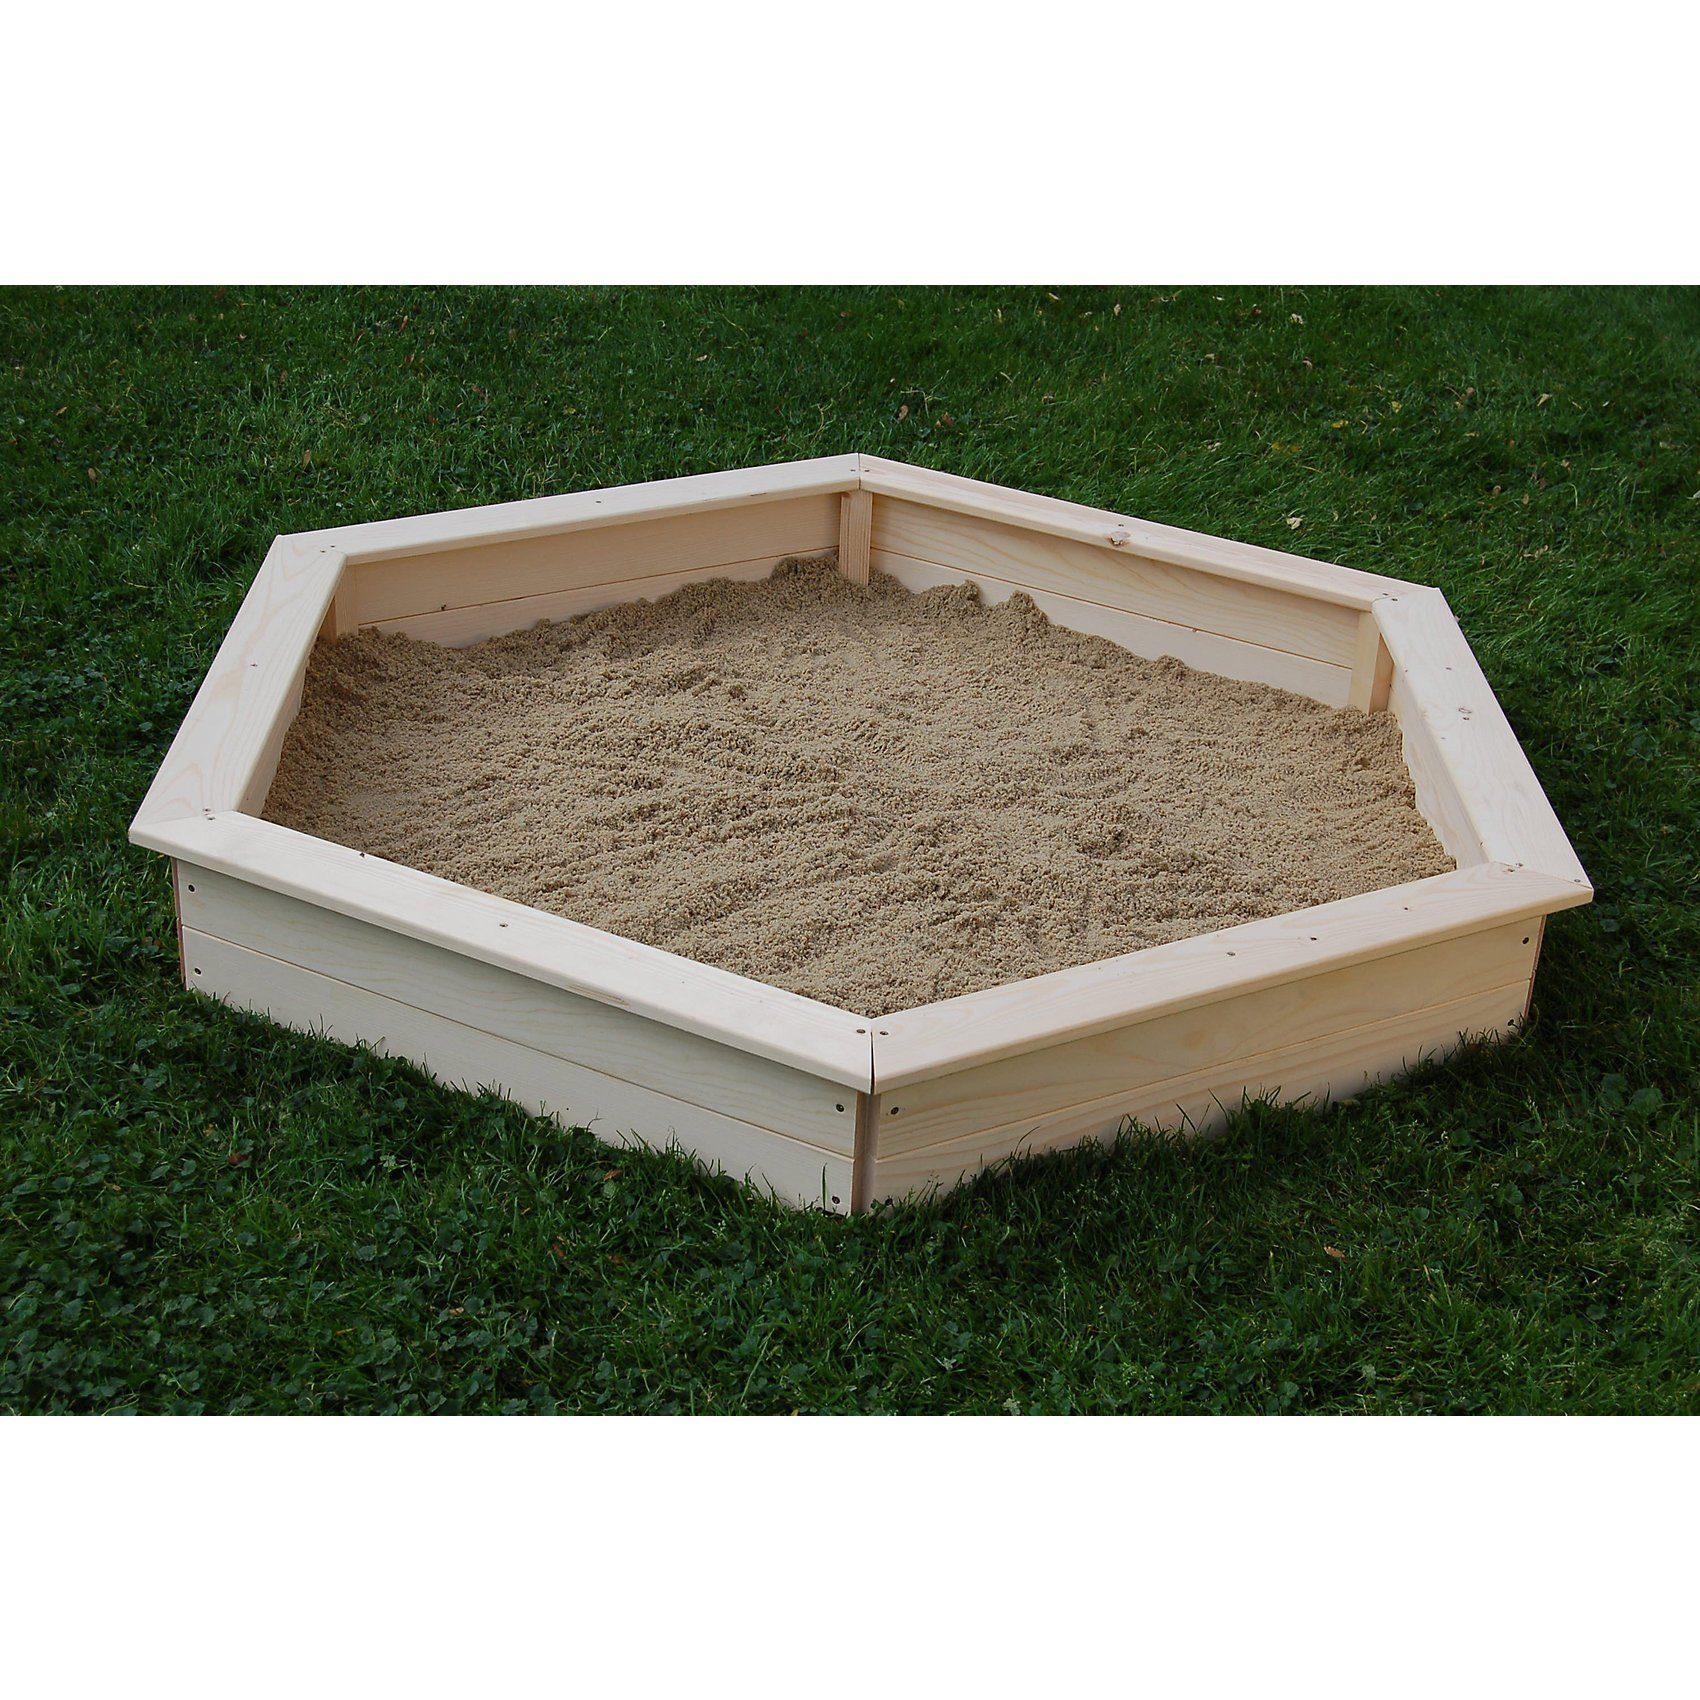 Sandkasten 6-eck